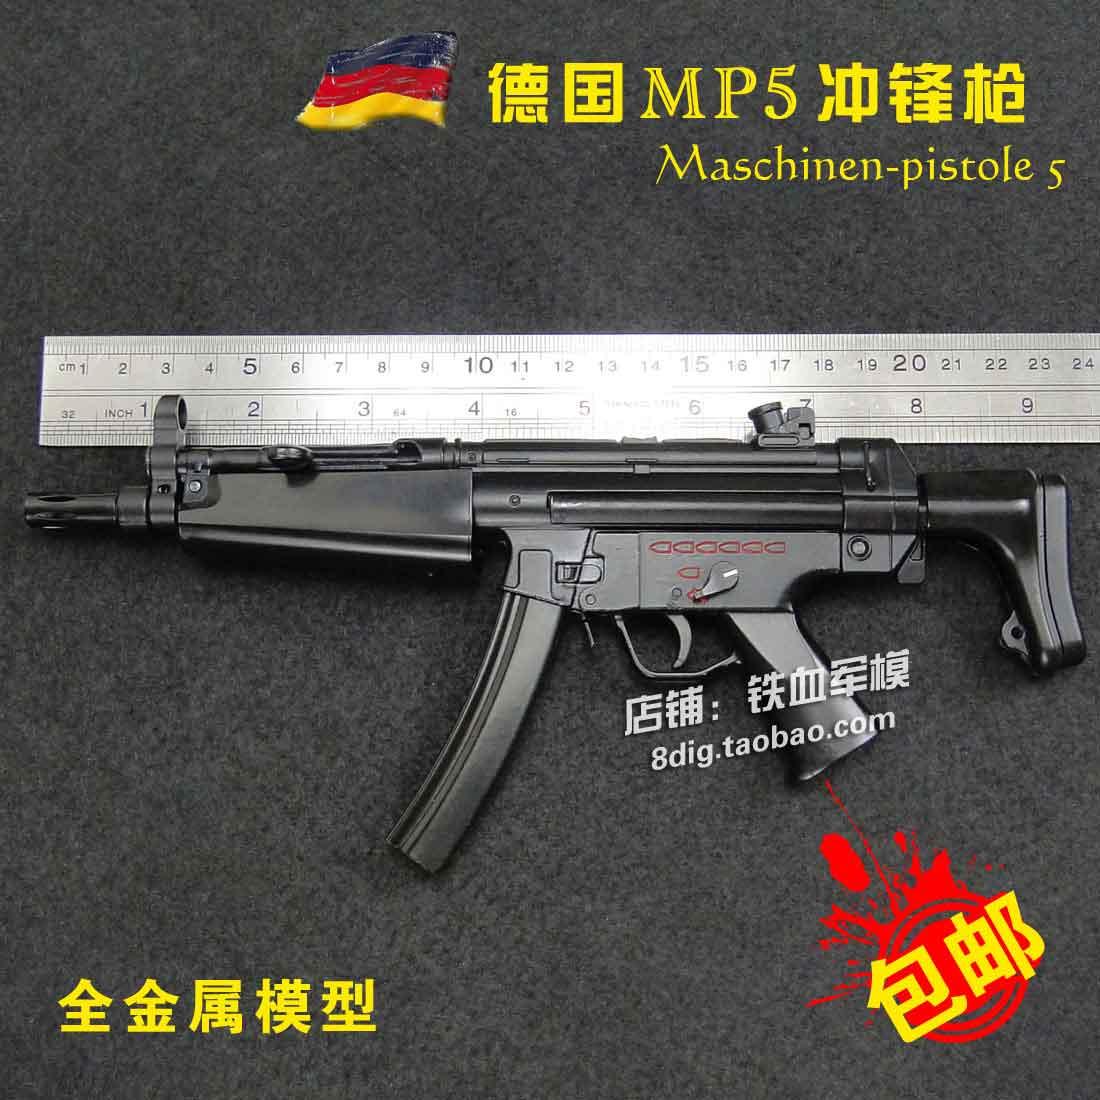 散裝1:2.83全金屬德國mp5沖鋒槍模型仿真軍事武器兒童玩具不可發射